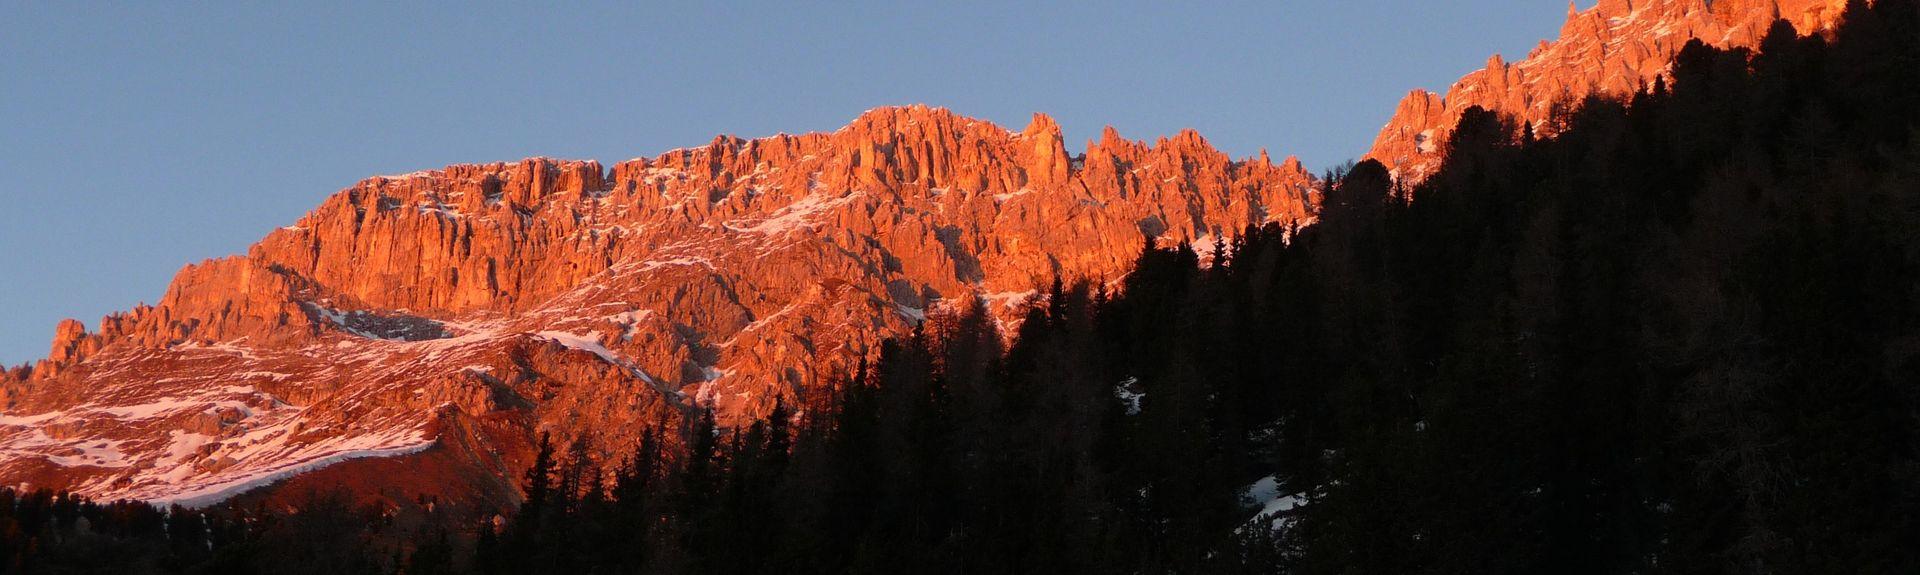 Bolzano, Trentino-Alto Adige, Italy